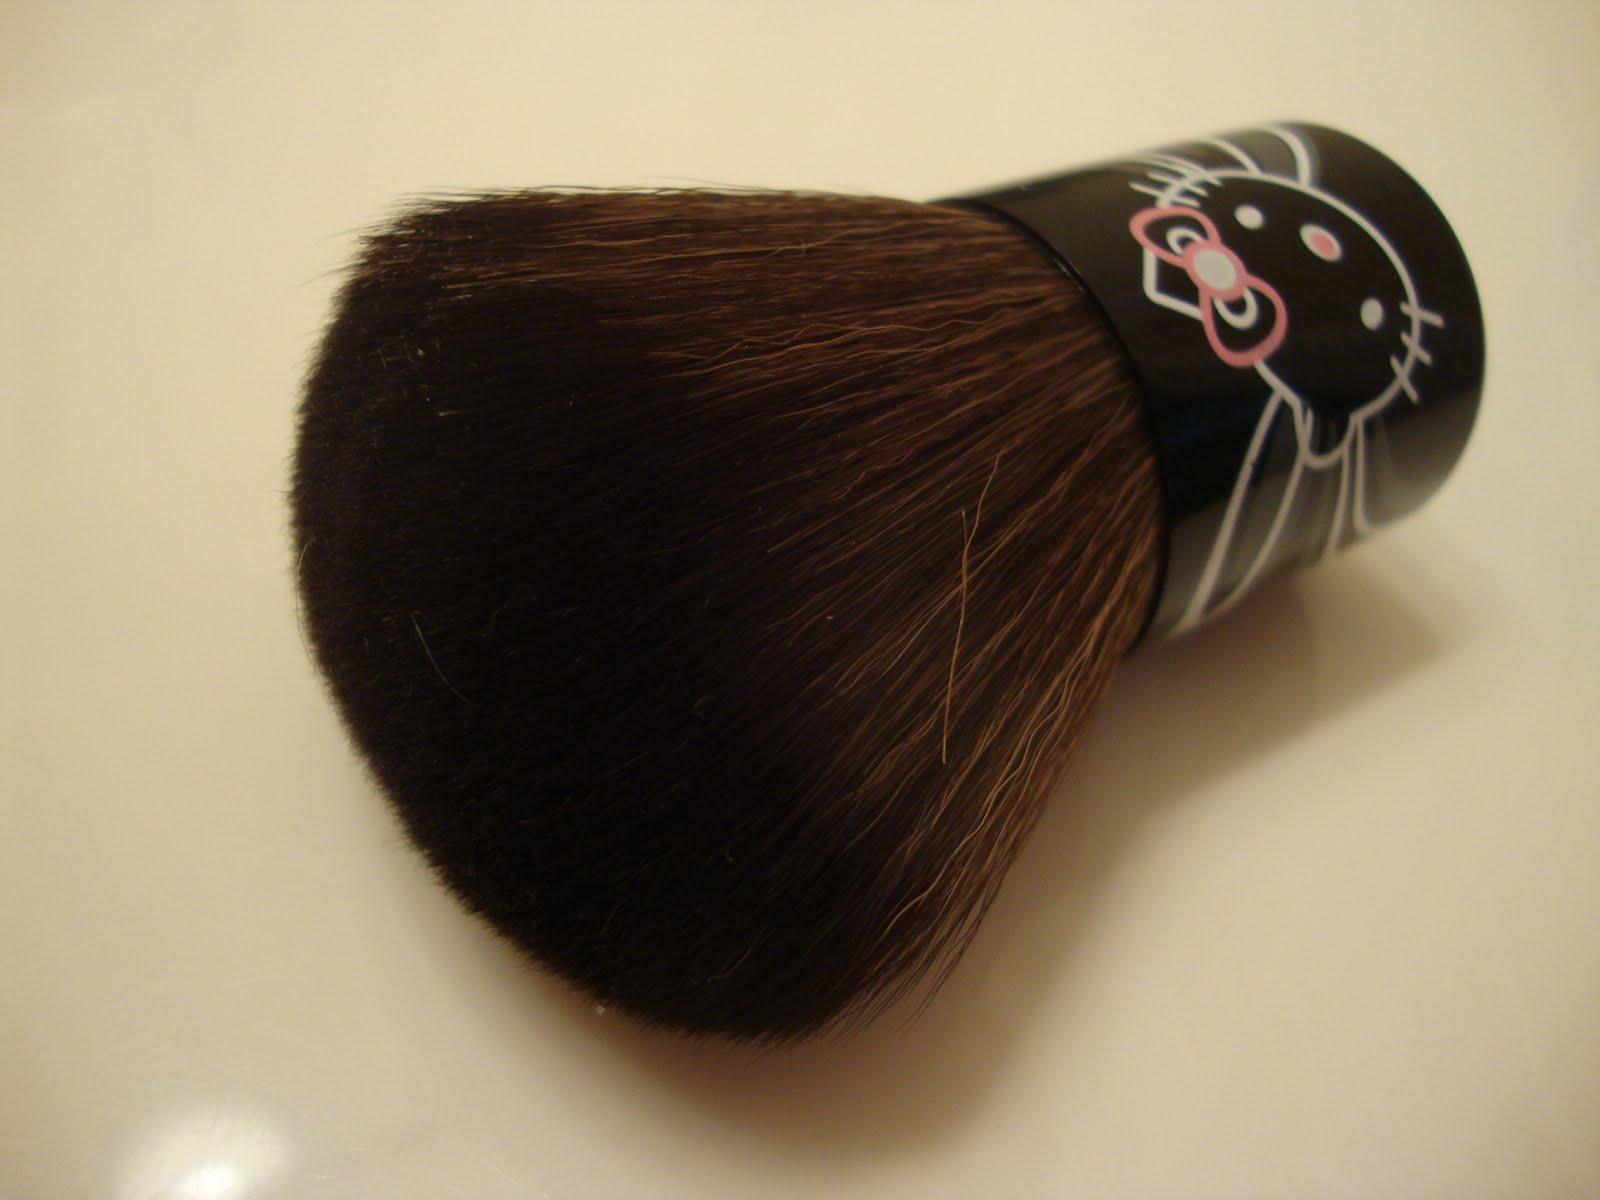 Beauty Exacta Hello Kitty Mac Kabuki Brush Review Kuas I Also Really Liked The Cute Touch Of